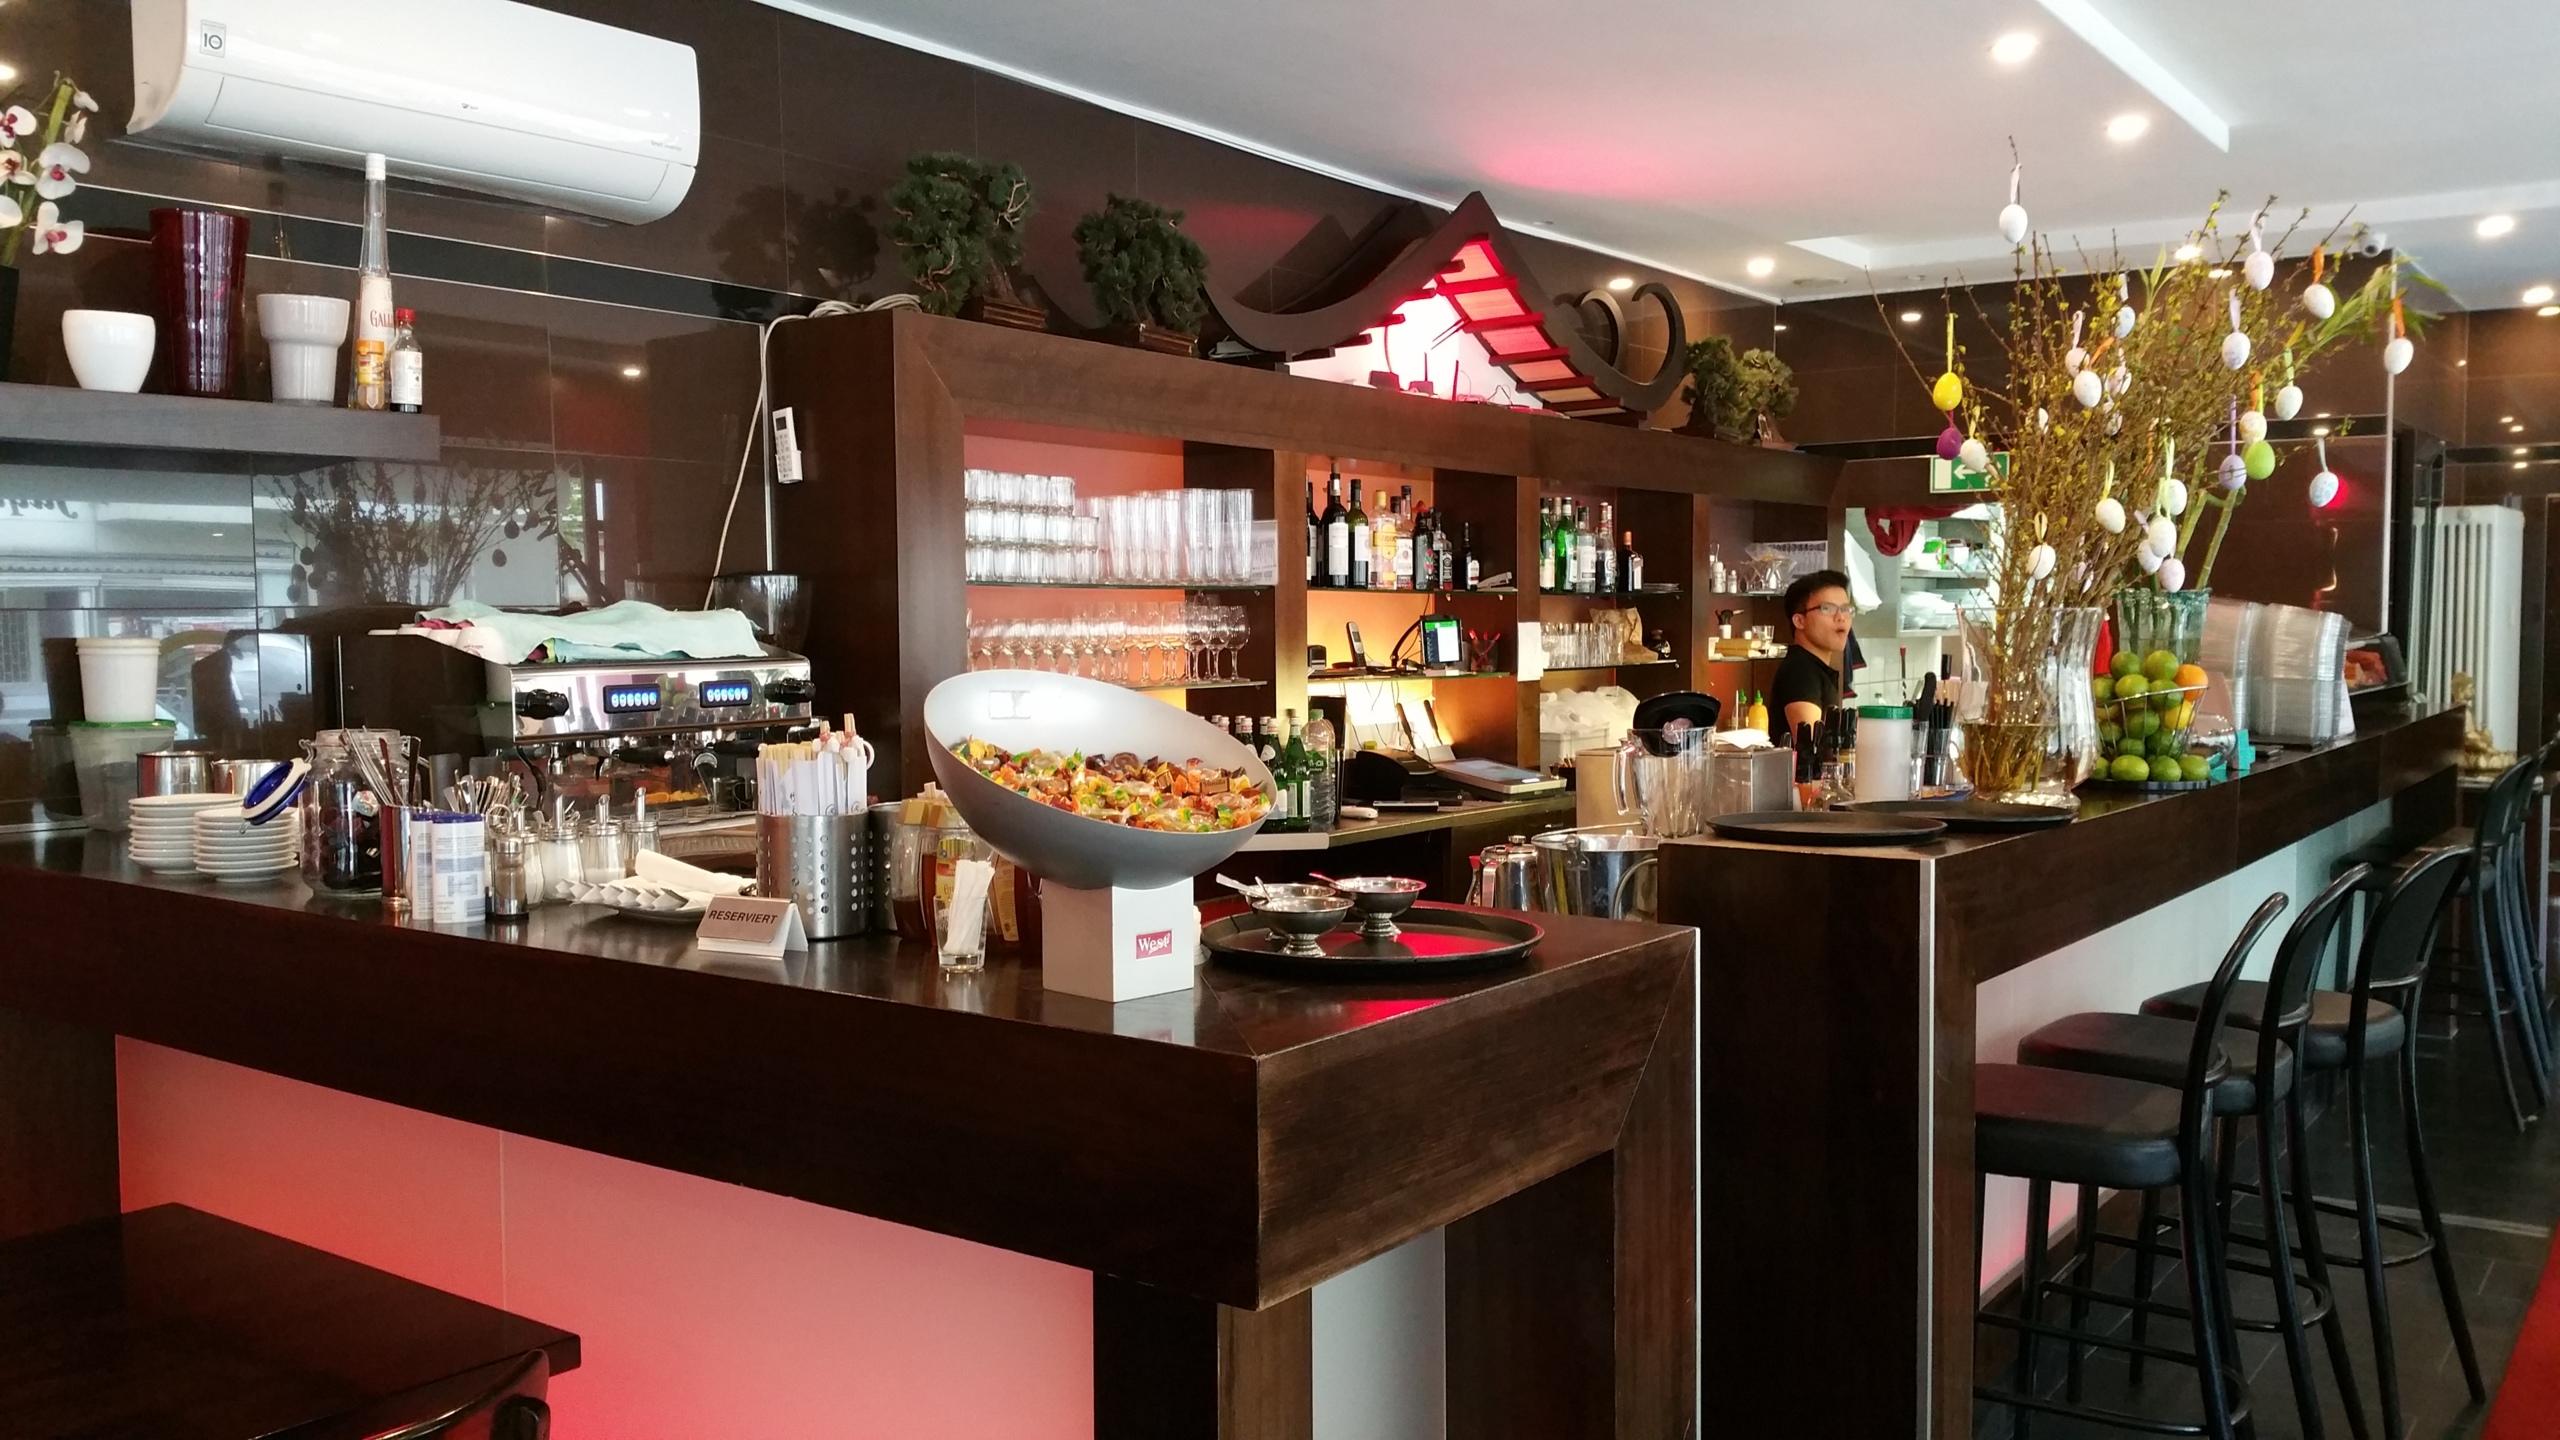 sushi miyabi ffnungszeiten uhlandstra e in berlin. Black Bedroom Furniture Sets. Home Design Ideas